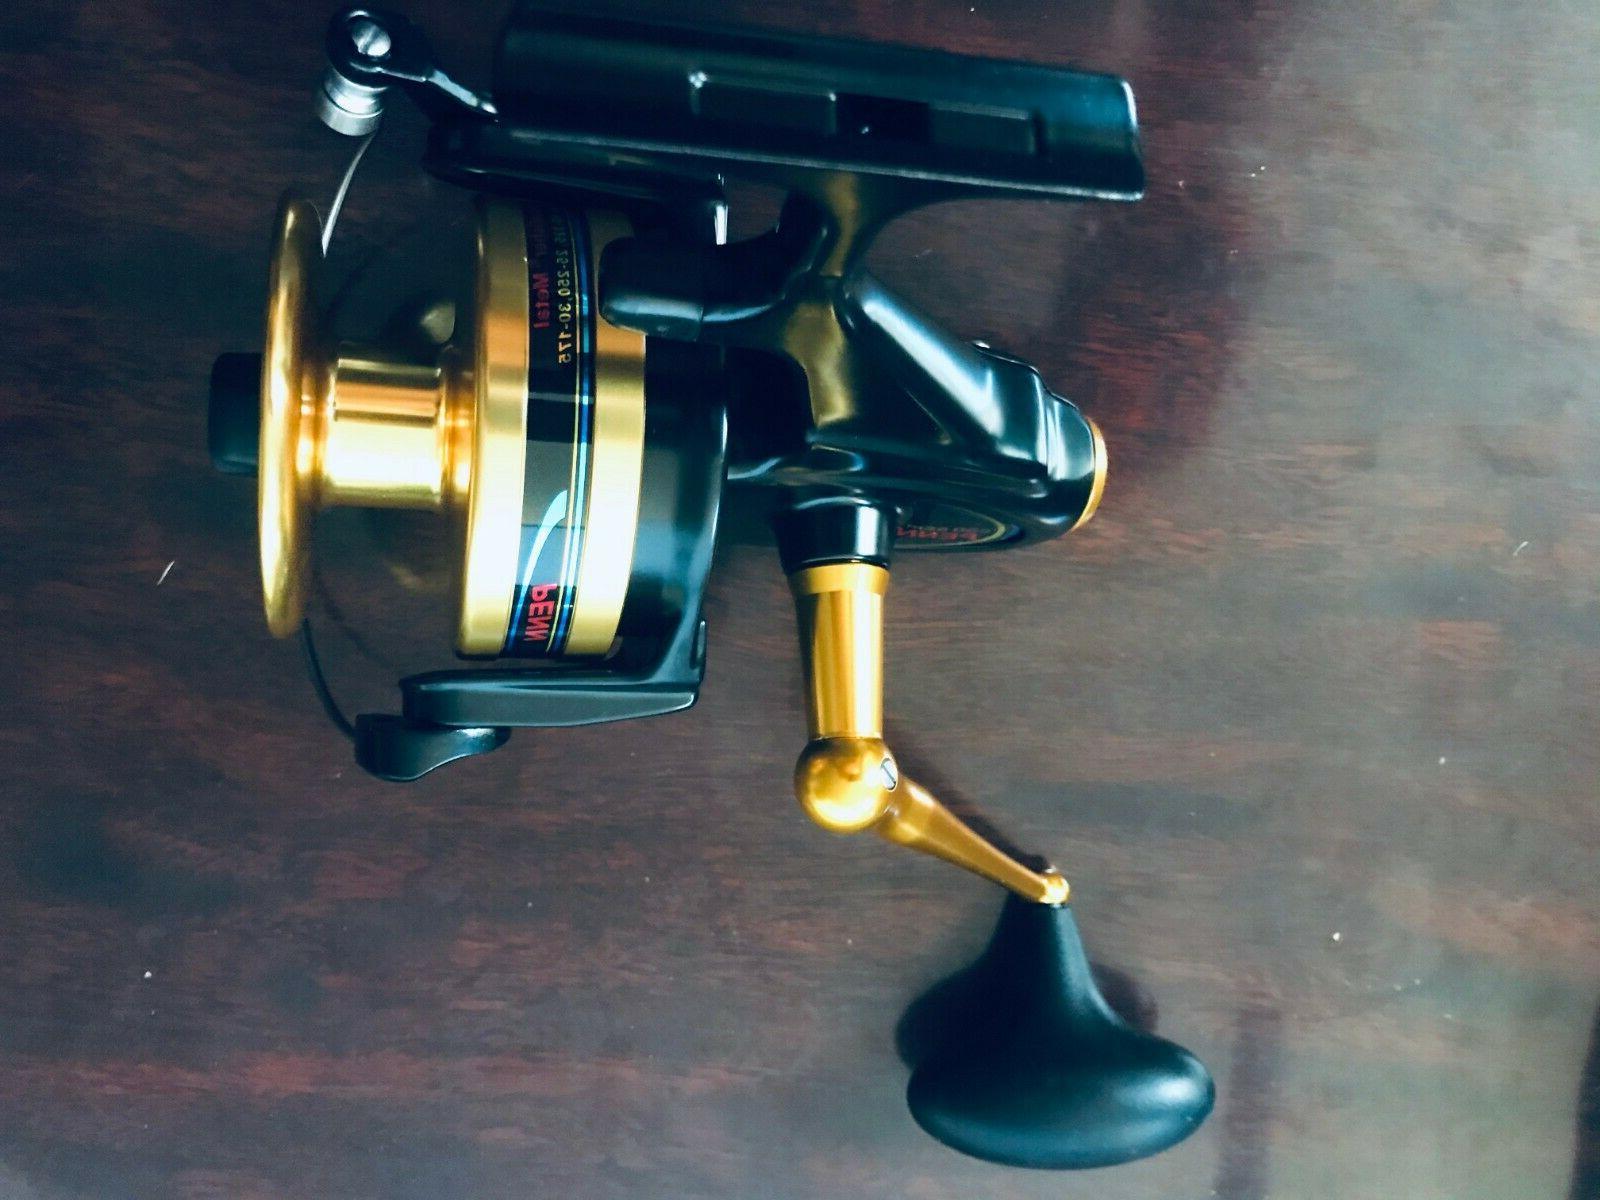 850 ssm original saltwater fishing reel new